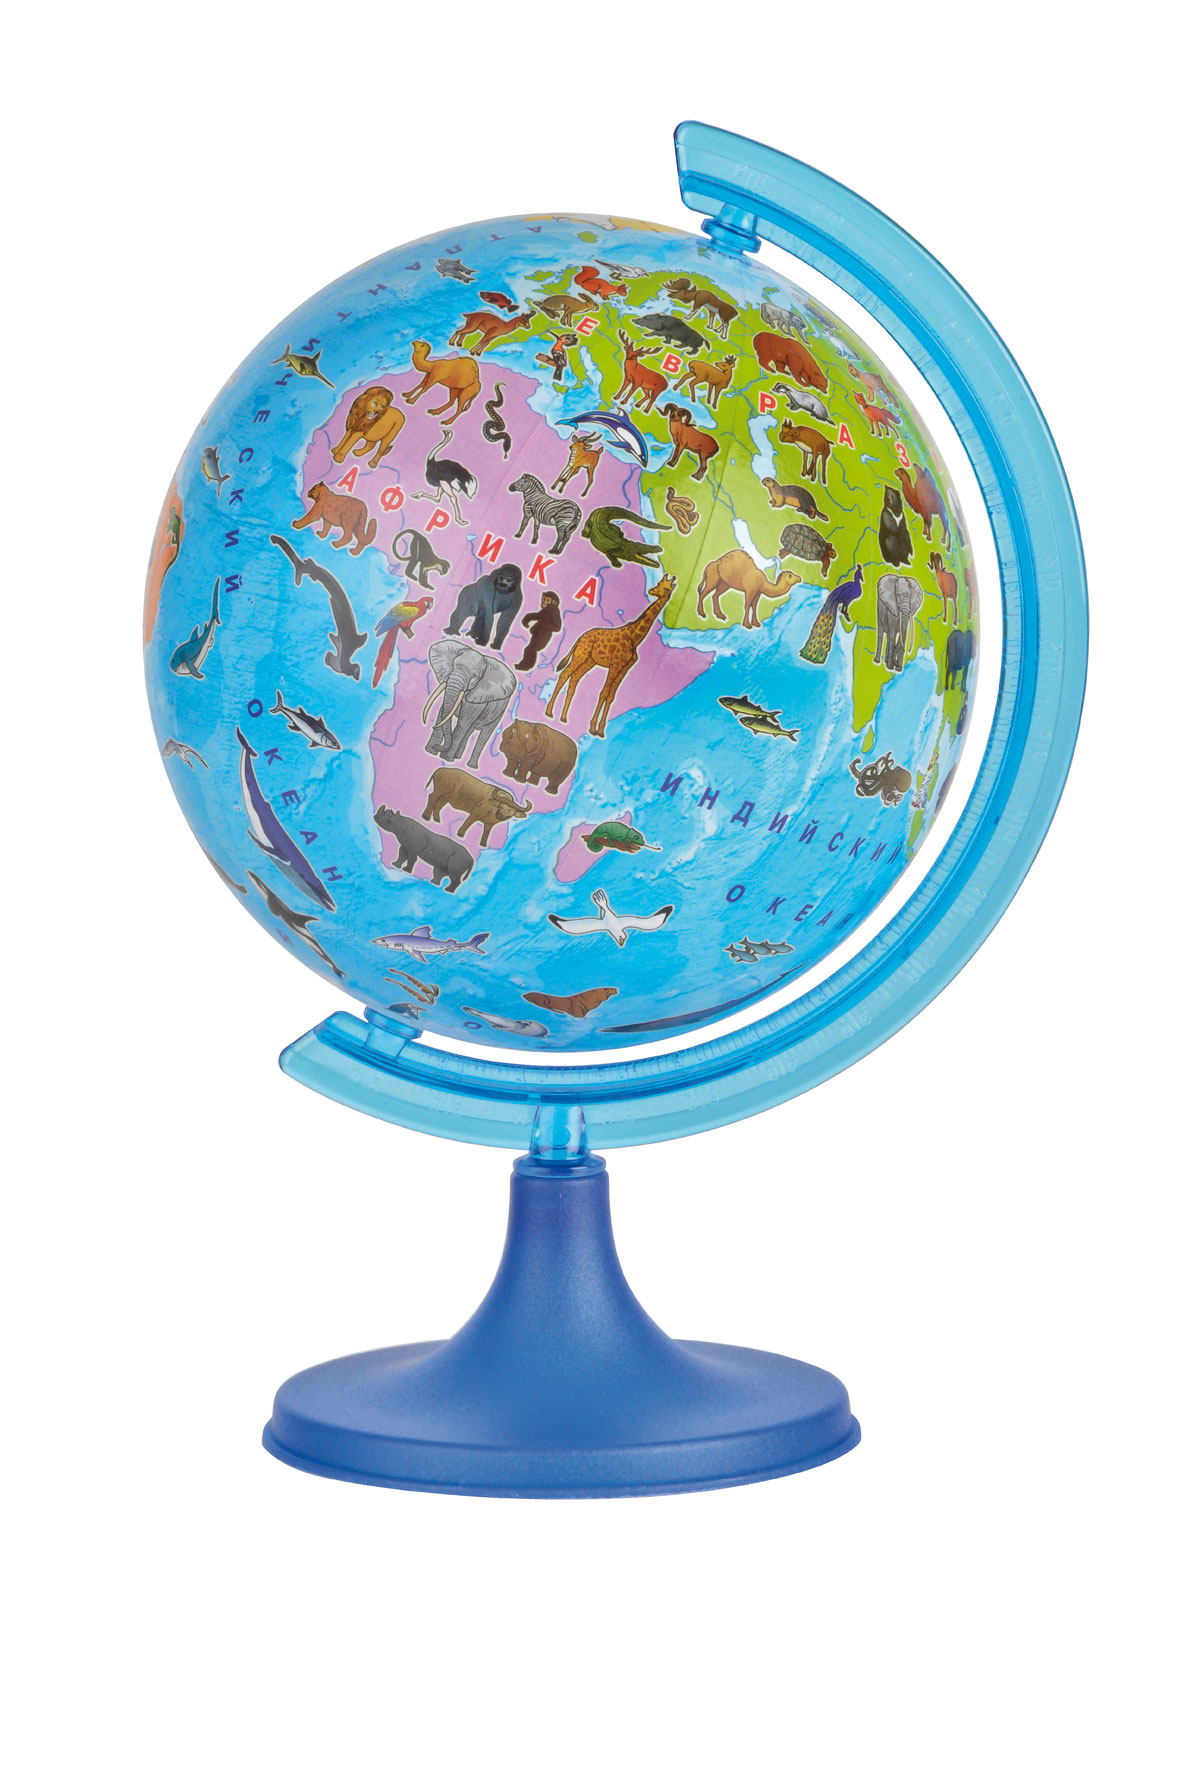 Глобус DMB Сафари, диаметр 11 см + Мини-энциклопедия Животный Мир Земли0325COLГлобус DMB Сафари изготовлен из высококачественногопрочного пластика в оригинальной, яркой цветной гамме, где все материки и океаны выполнены в ярких контрастных красках, что привлечет внимание и интерес ребенка. На глобусе отображены самые известные животные, наиболее характерные для той или иной среды обитания. Изделие расположено на подставке. Географические названия на глобусе приведены нарусском языке. Сделайте первый шаг в стимулирование своегообучения! К глобусу прилагается мини-энциклопедия Животный Мир Земли, которая обязательно поможет детям и их родителям открыть для себя что-то новое в изучении животного мира нашей удивительной планеты.Настольный глобус DMB Сафари станет оригинальным украшением рабочегостола или вашего кабинета. Это изысканная вещь для стильного интерьера,которая станет прекрасным подарком для современного преуспевающегочеловека, следующего последним тенденциям моды и стремящегося кэлегантности и комфорту в каждой детали.Высота глобуса с подставкой: 17 см.Диаметр глобуса: 11 см.Масштаб: 1:115 000 000.